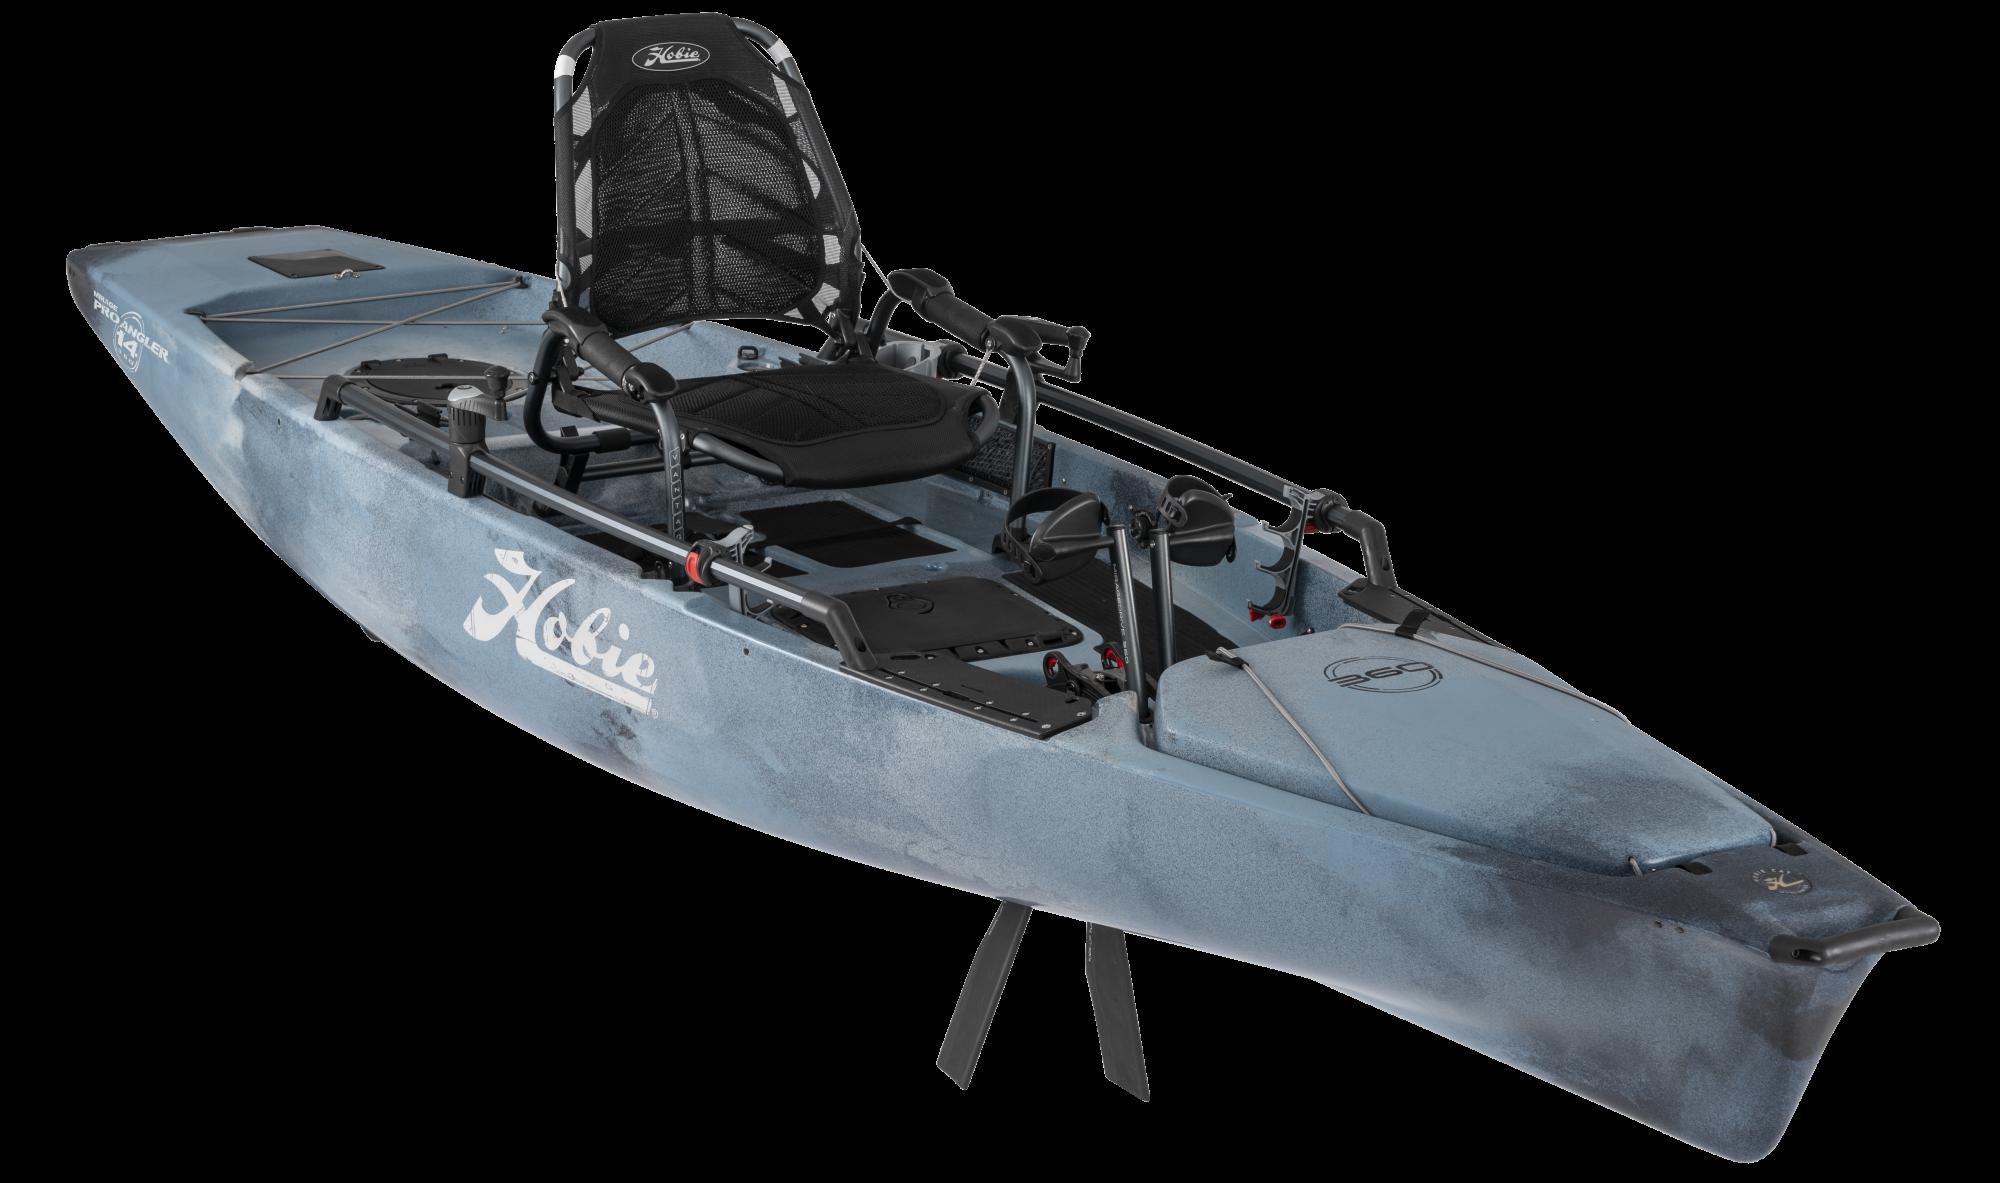 Hobie Mirage Pro Angler 14 360